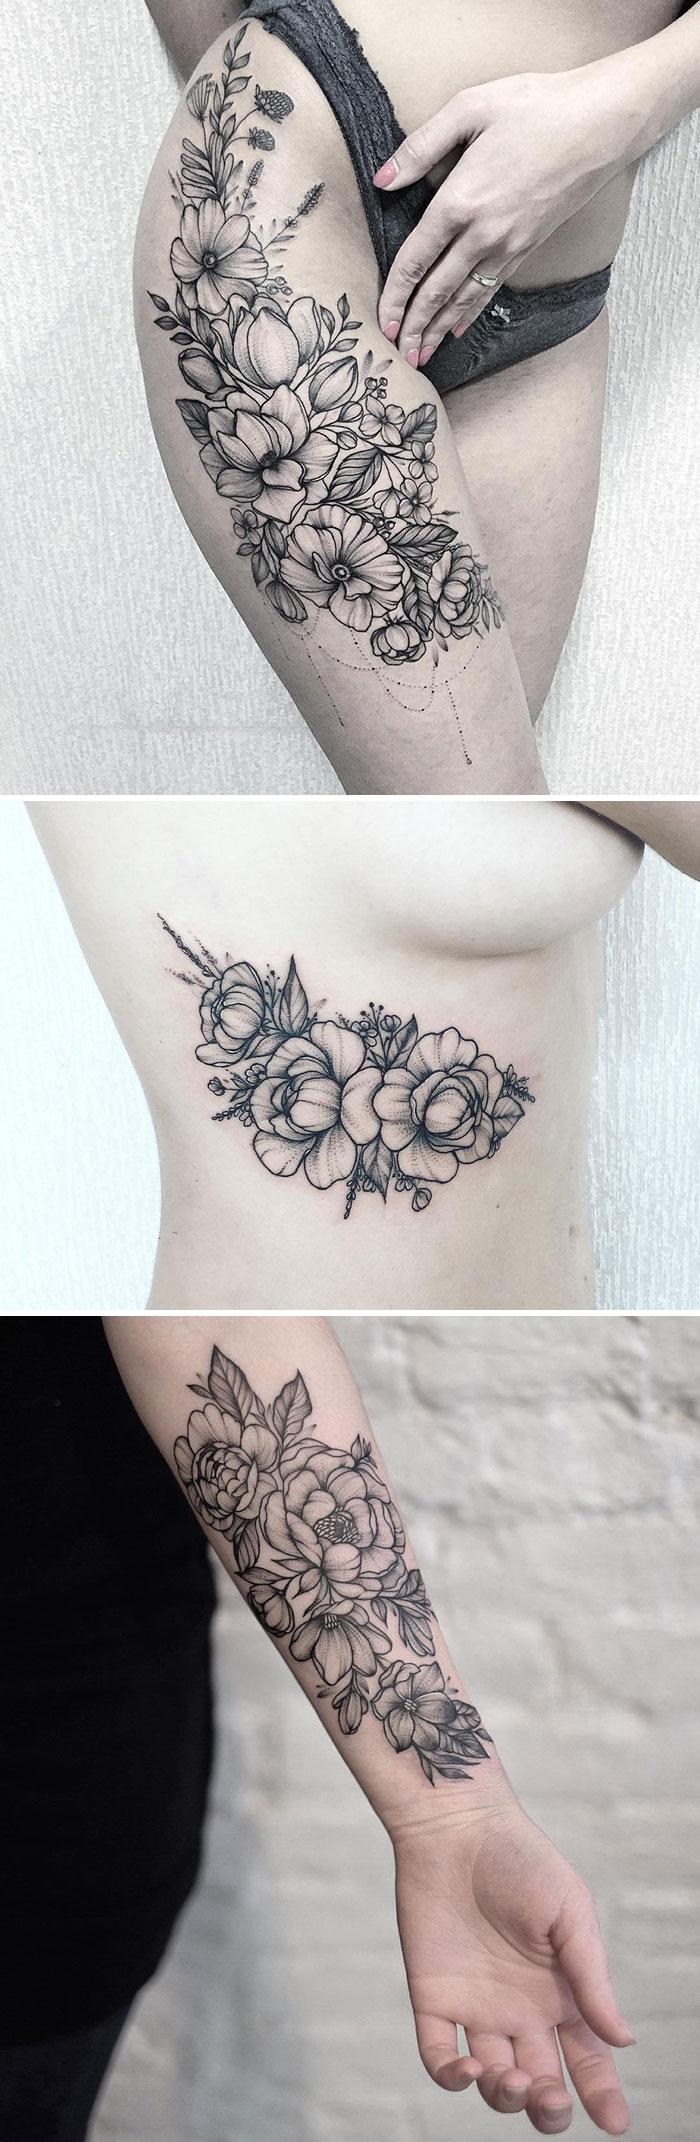 floral-tattoo-artists-14-58e2575feb038__700